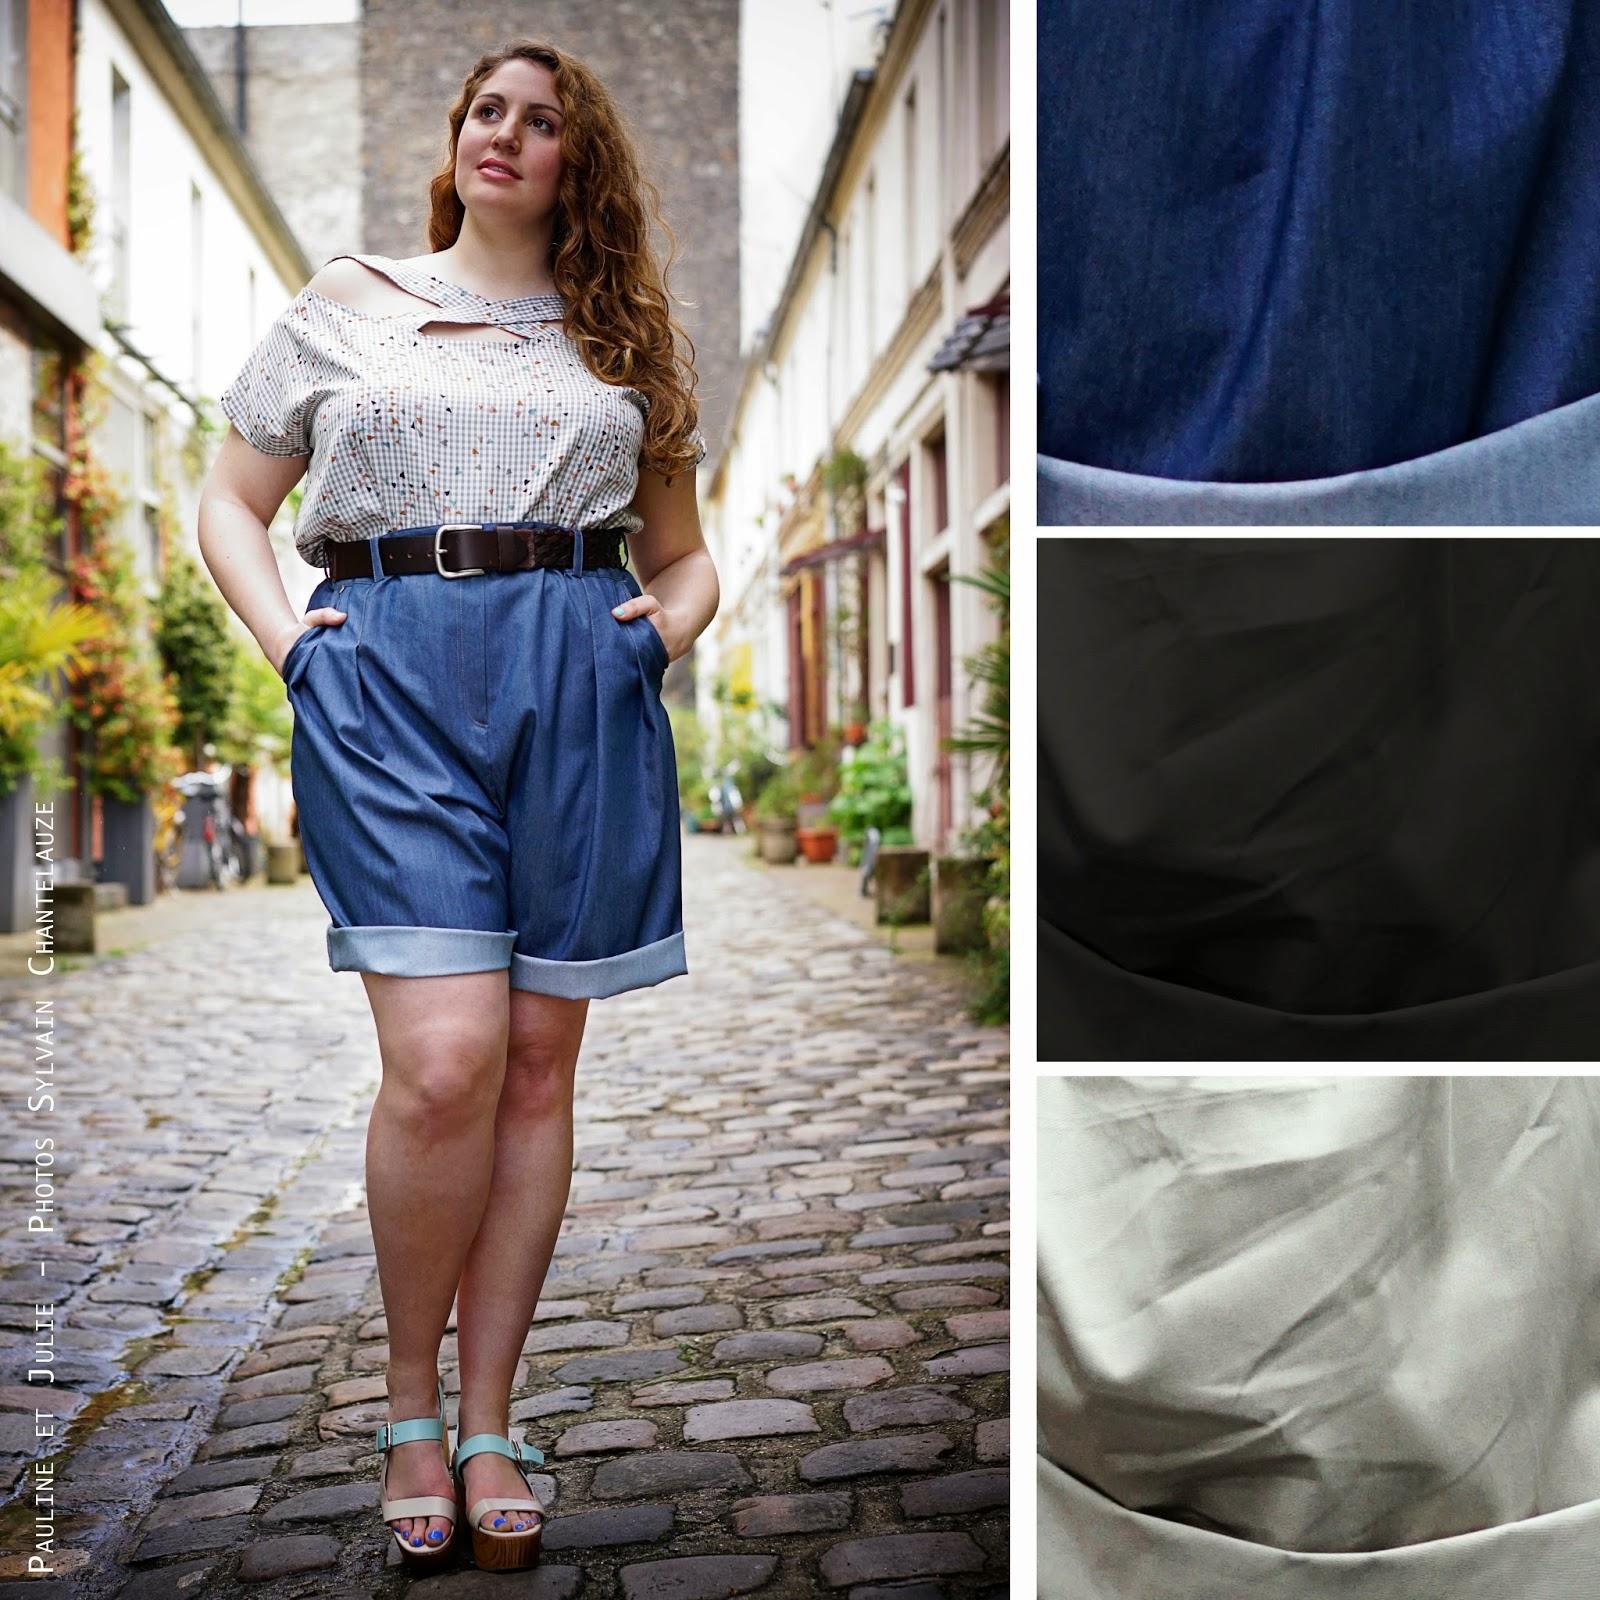 Coloursdekor S Blog: Le Blog De Pauline Et Julie, Vêtements Créateurs